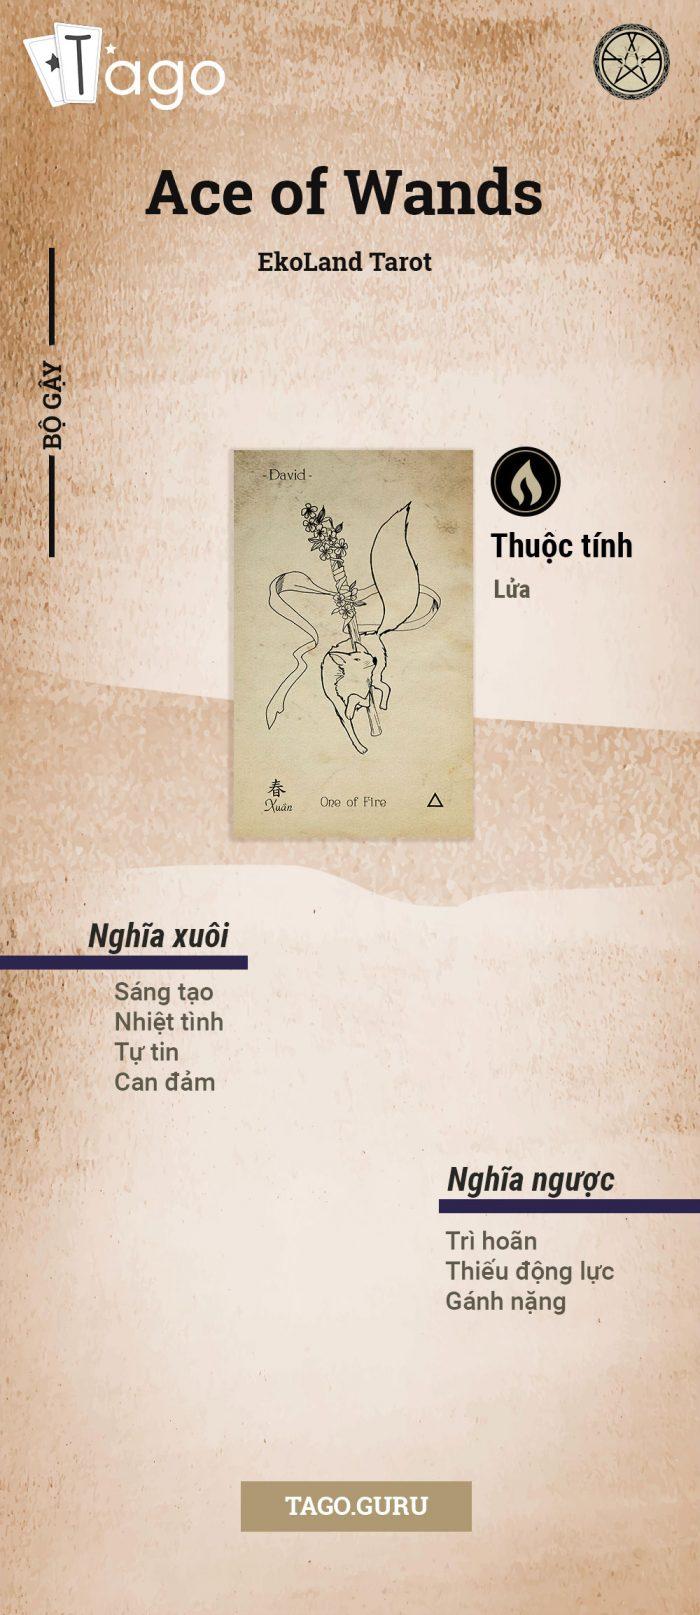 TAGO-Info-Bai-Tarot-Ace-of-wands